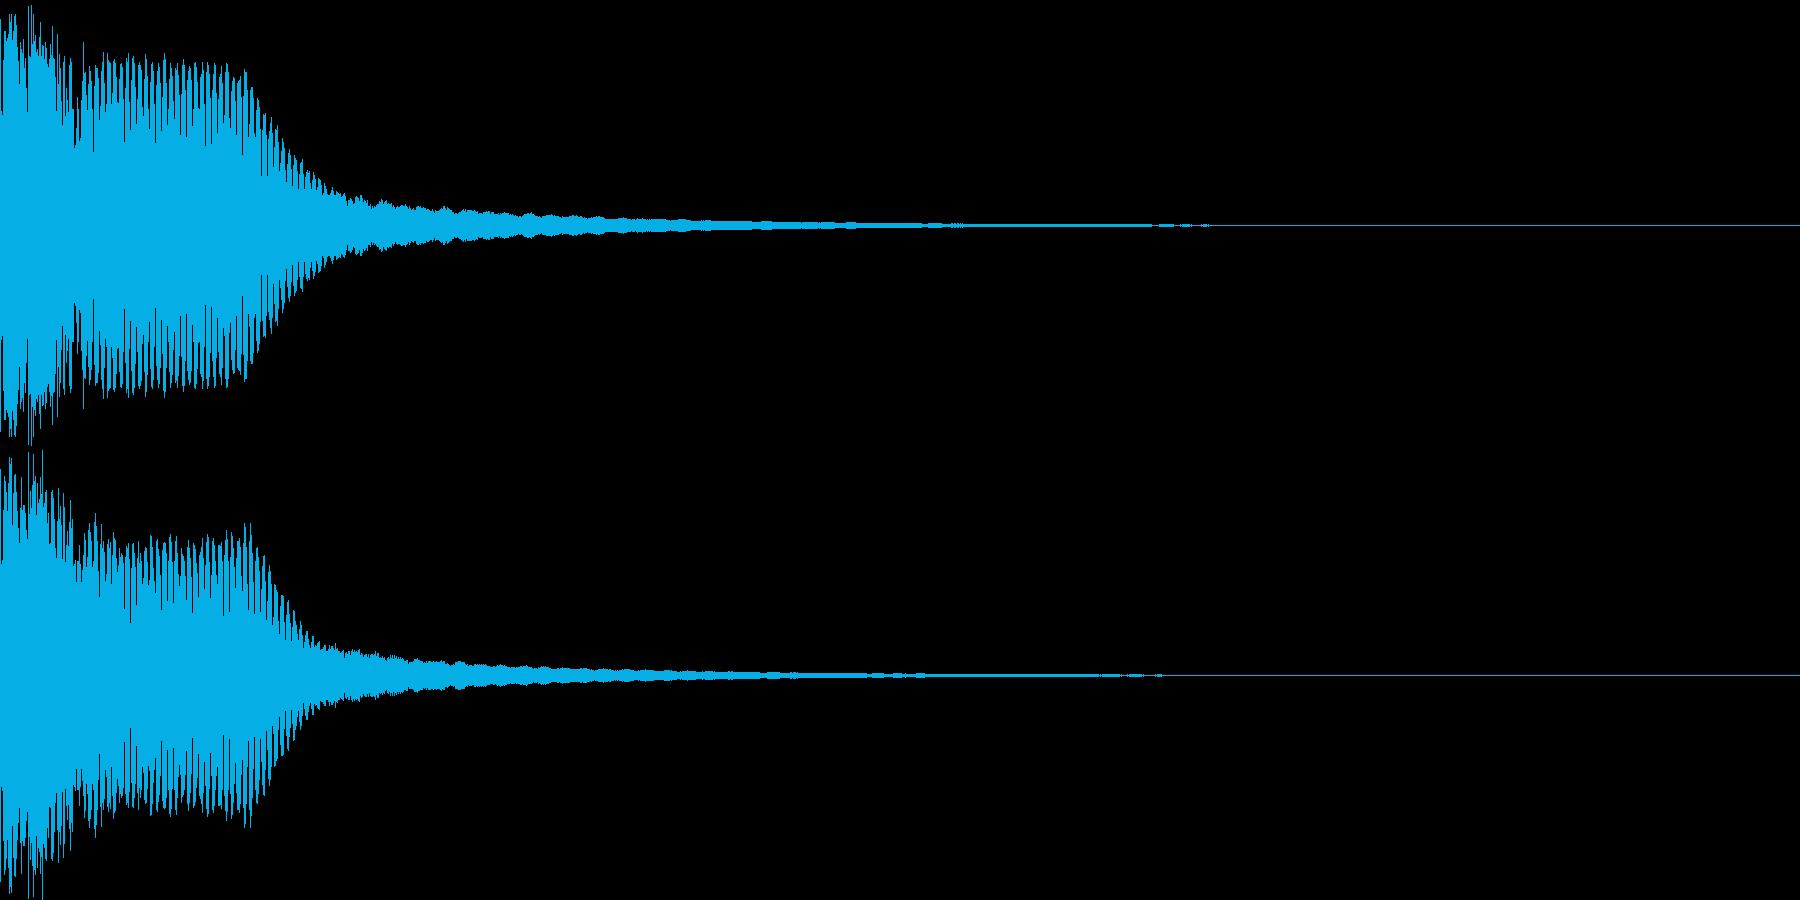 キュイン ボタン ピキーン キーン 29の再生済みの波形